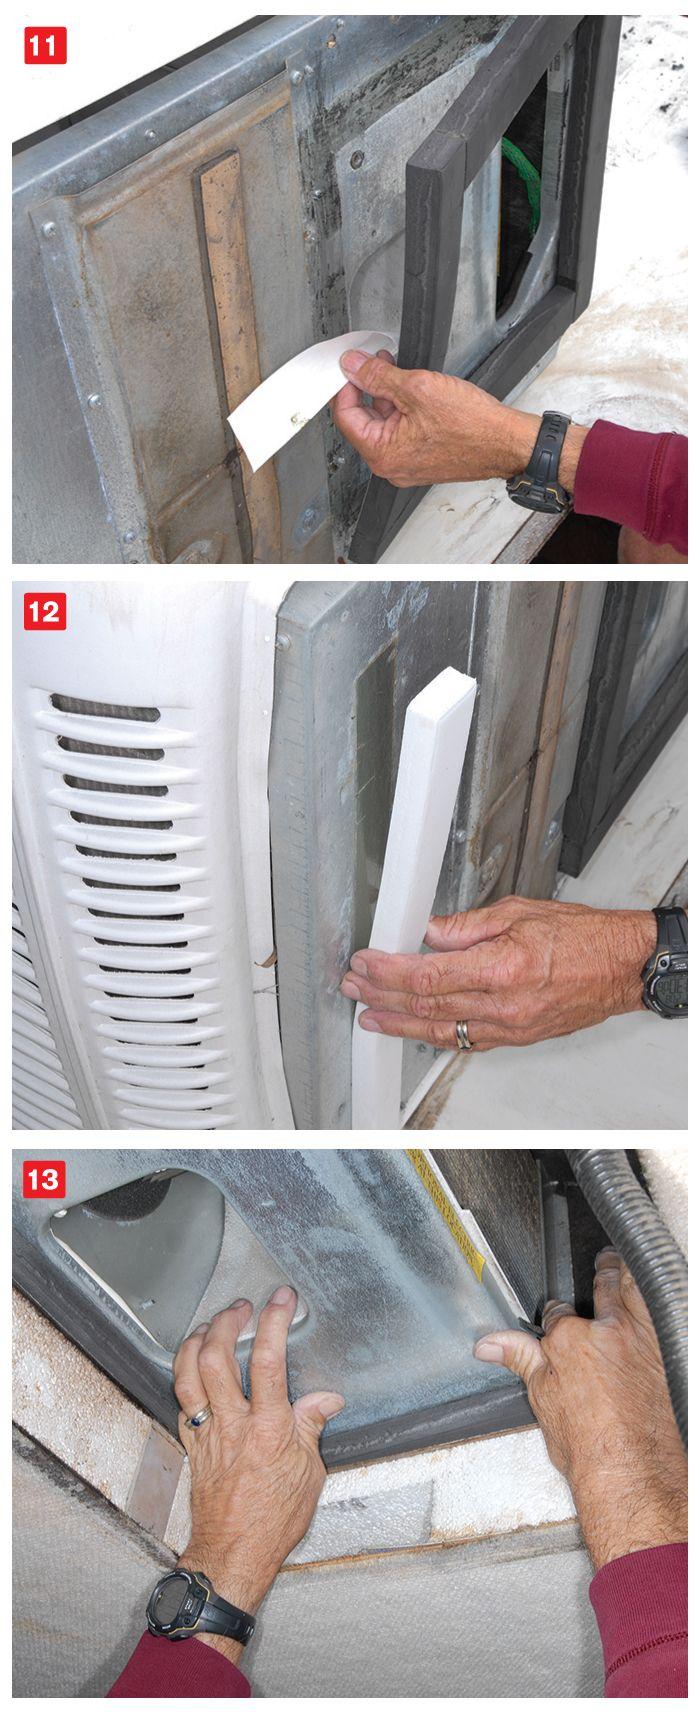 Roof Air Leak Repair Leak repair, Camping air